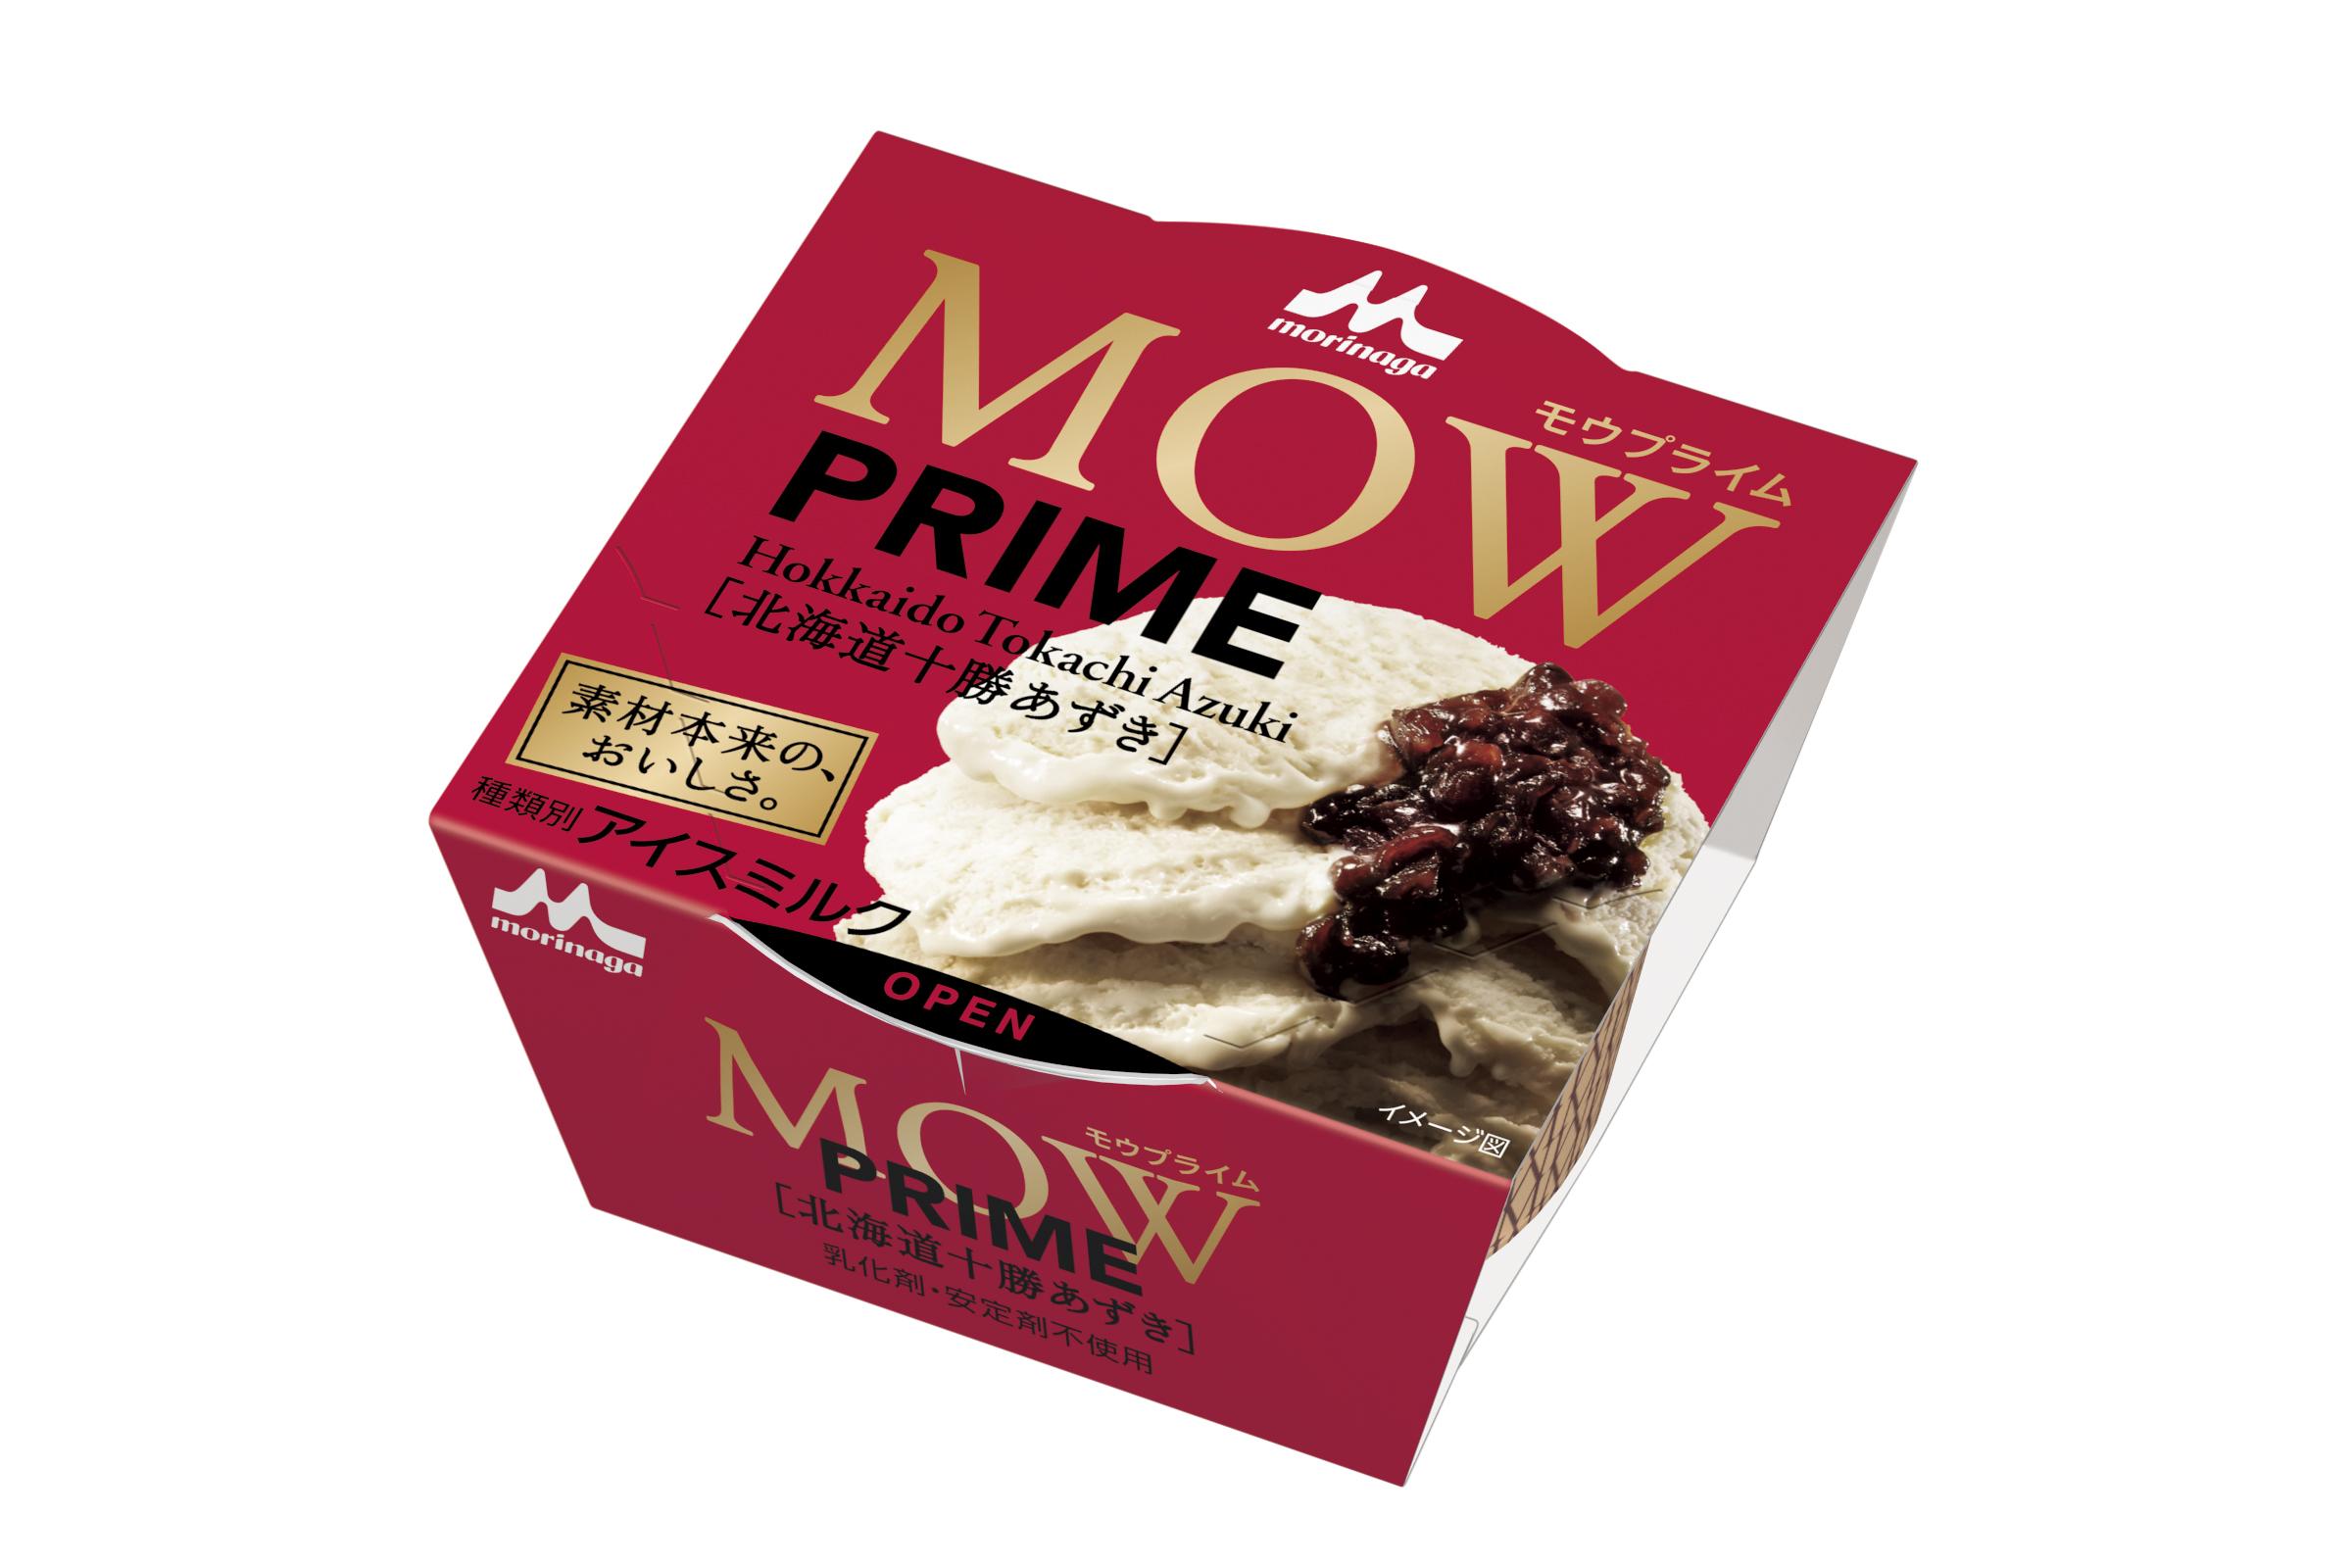 """「MOW」ブランドから""""新スイーツアイス""""をお届けするシリーズ「MOW PRIME(モウ プライム)」が誕生🎉第1弾は北海道十勝あずき💕"""